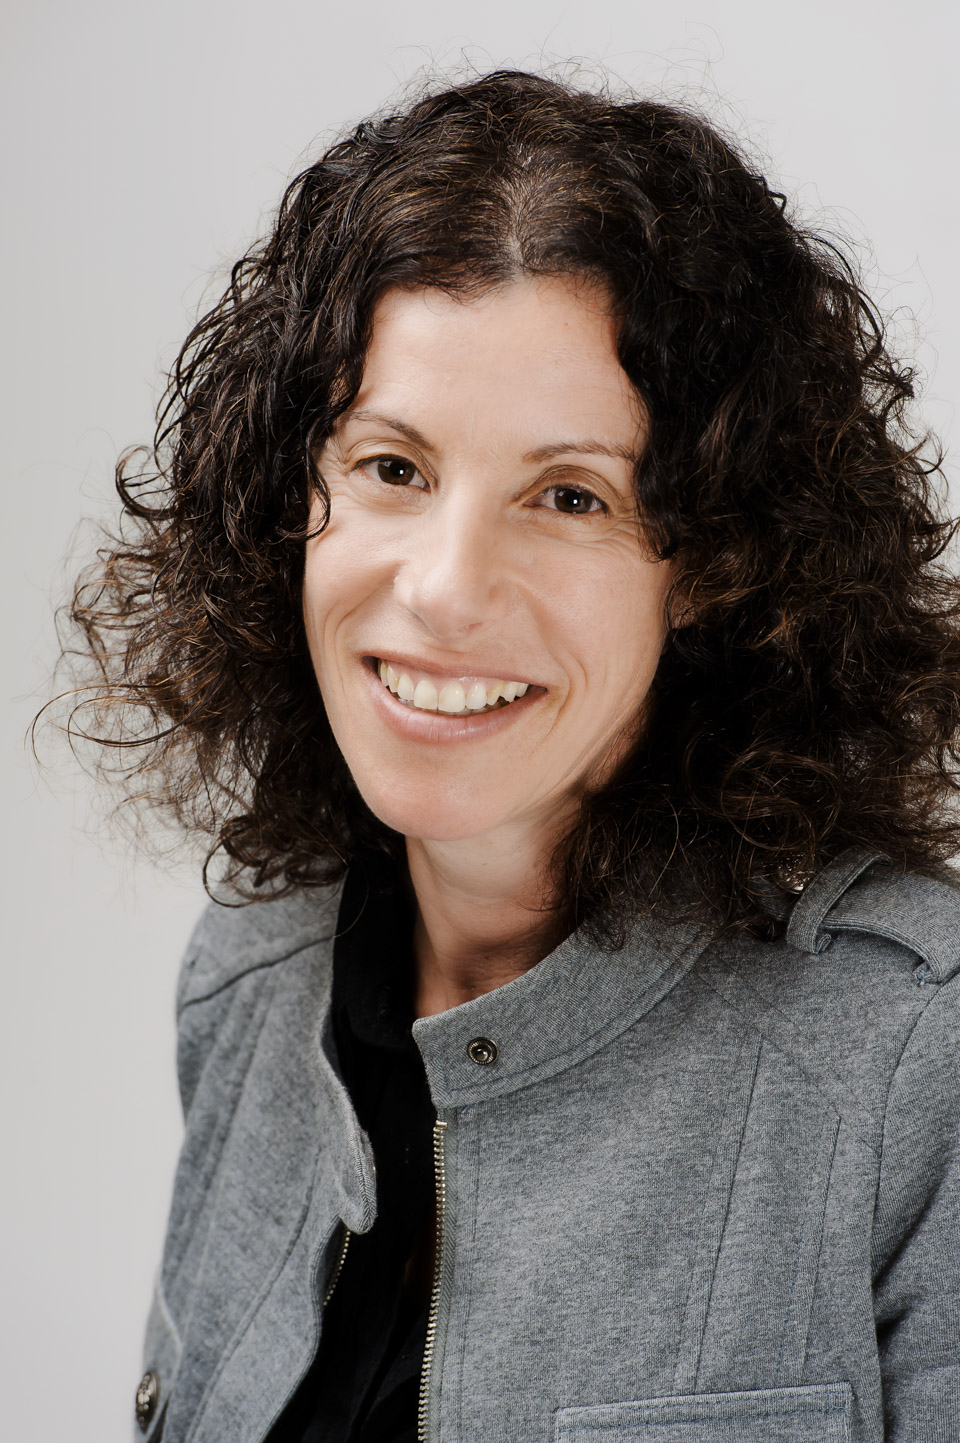 Josephine Scicluna